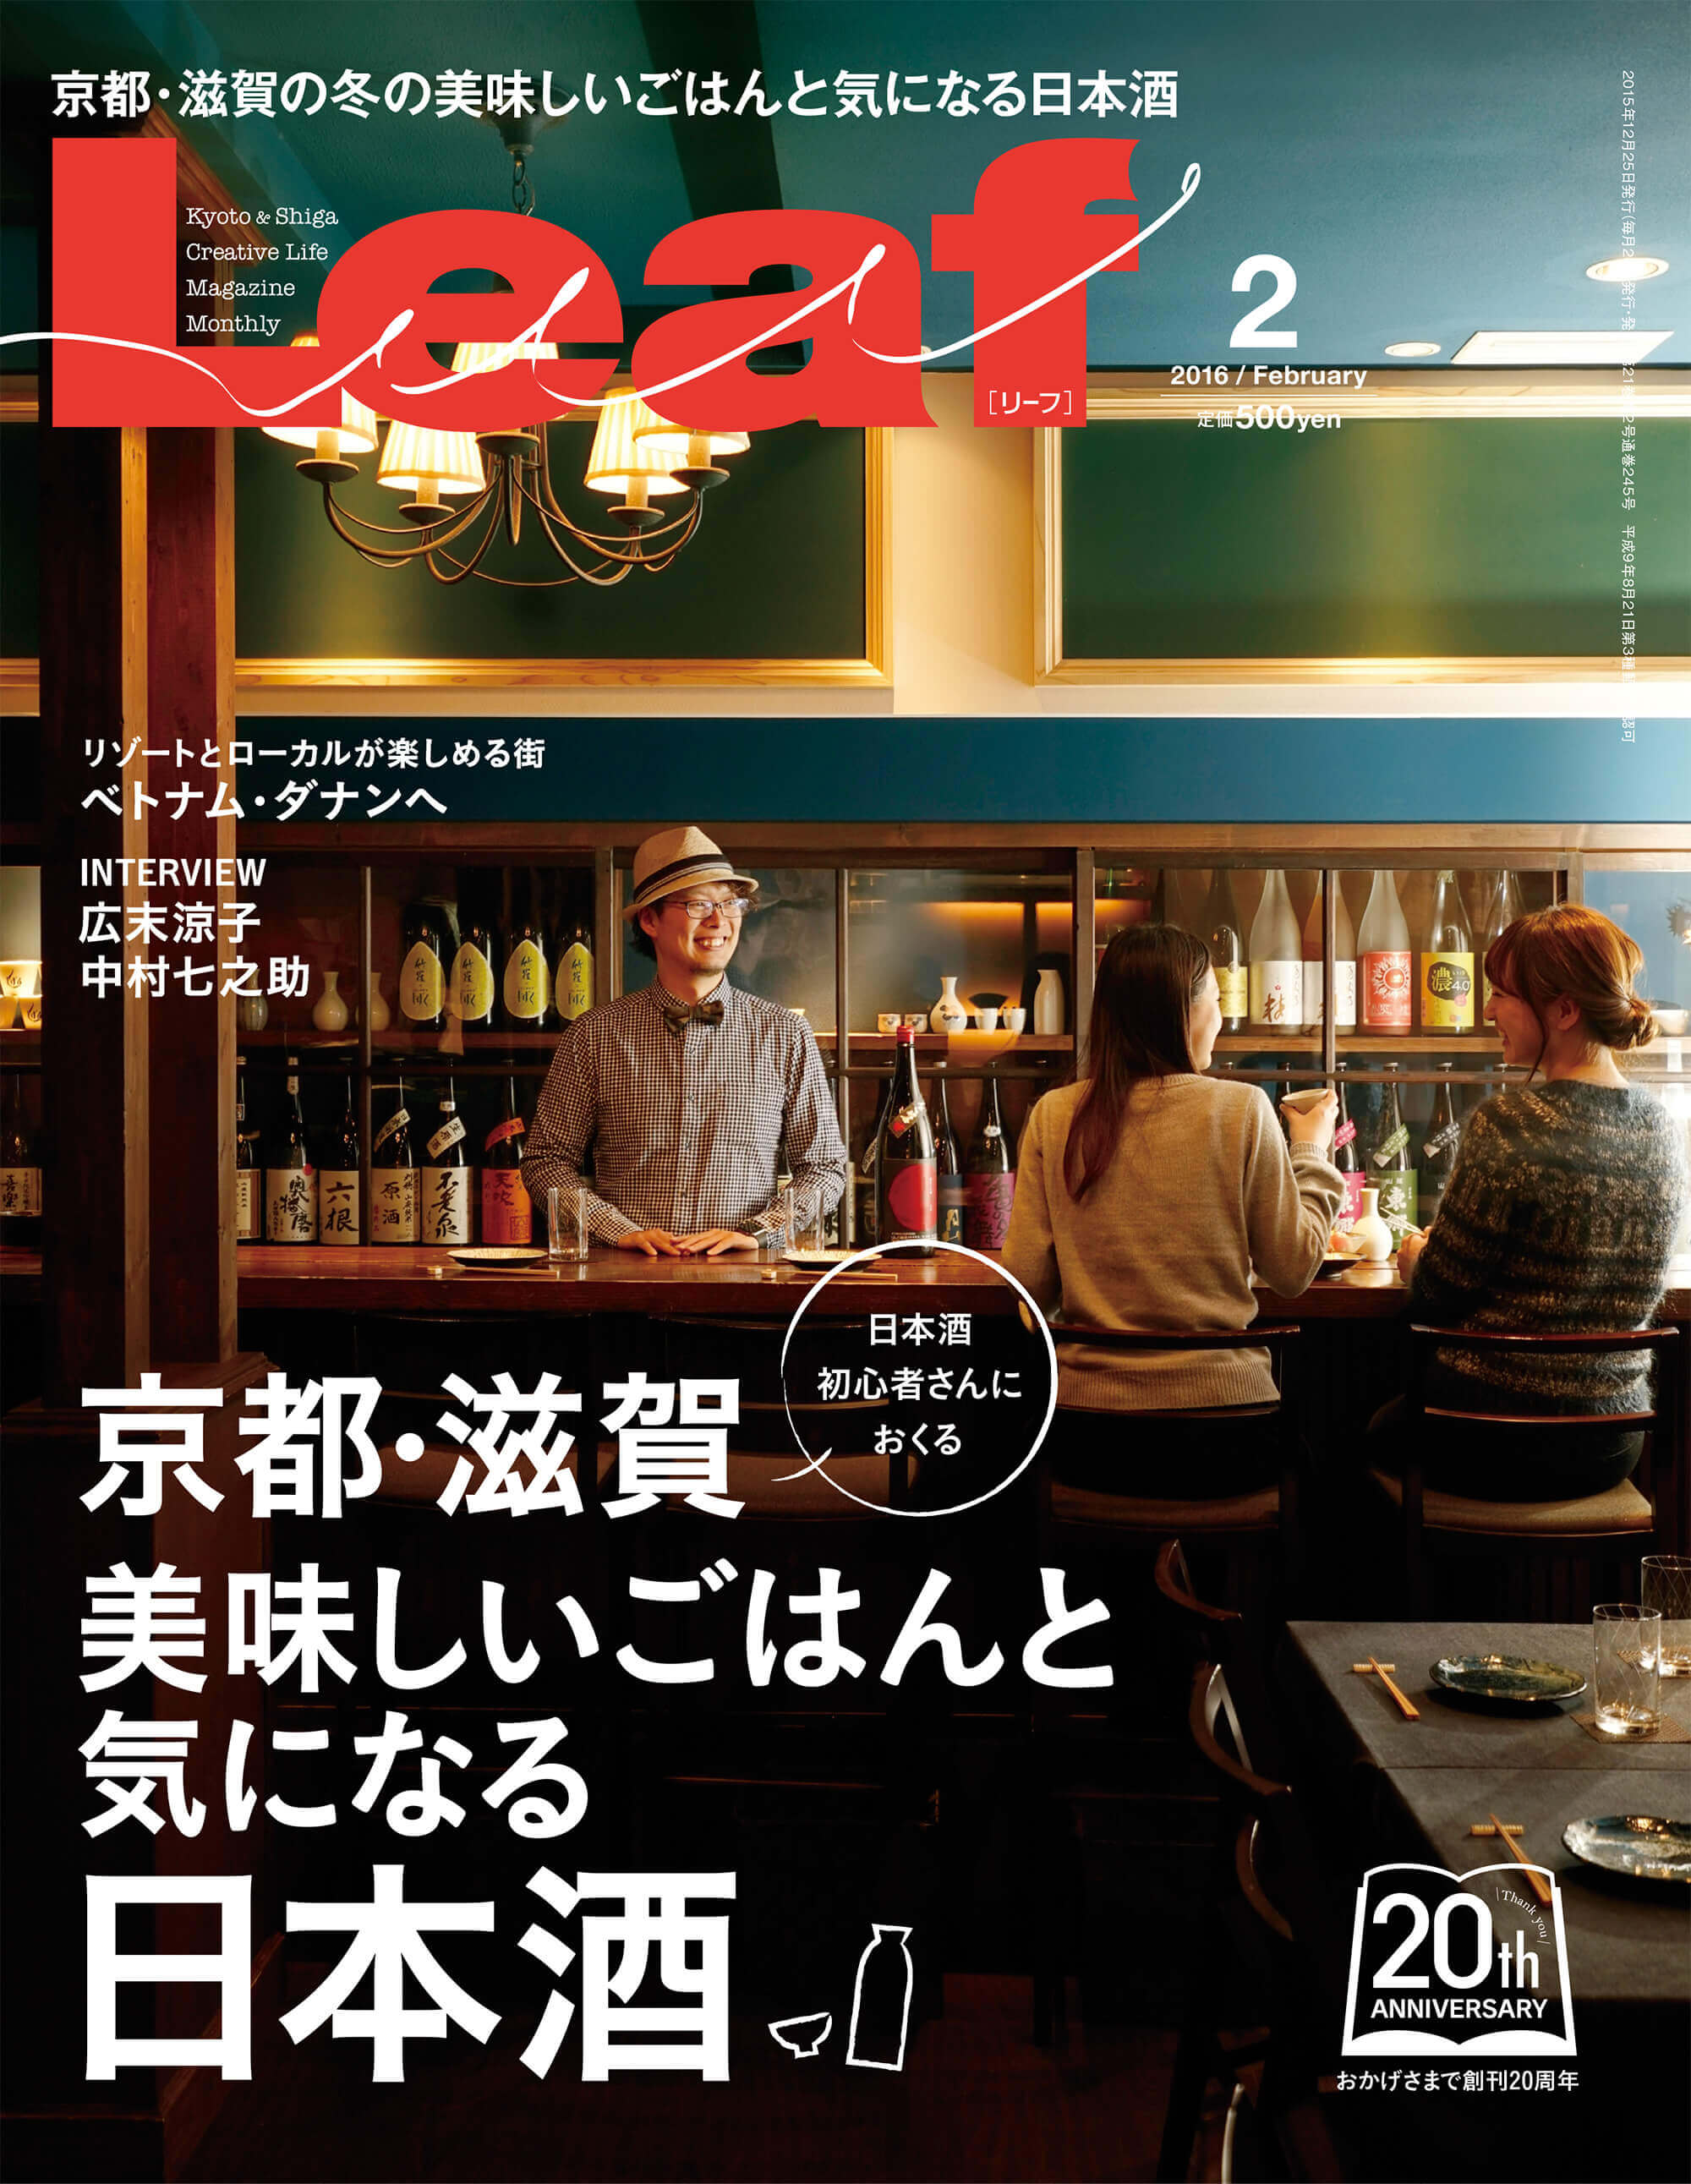 Leaf - 京都・滋賀 美味しいごはんと気になる日本酒